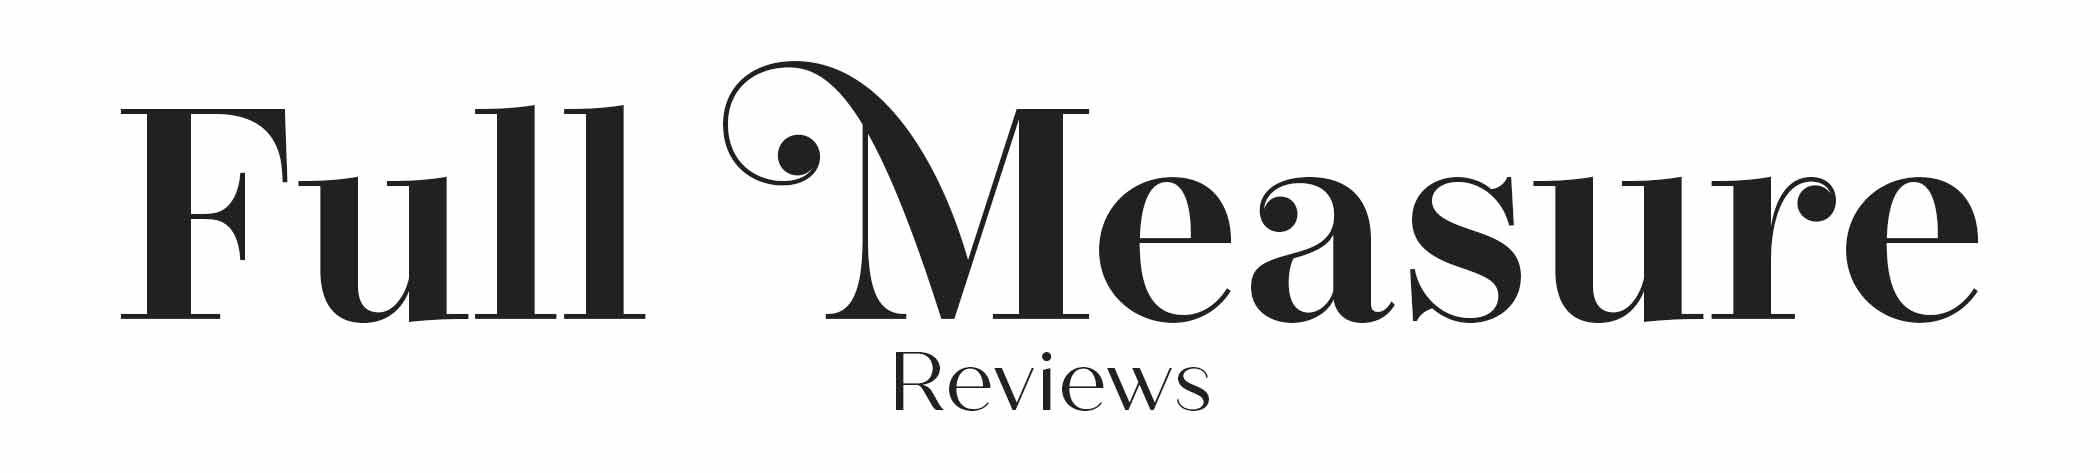 FM-WB-Reviews